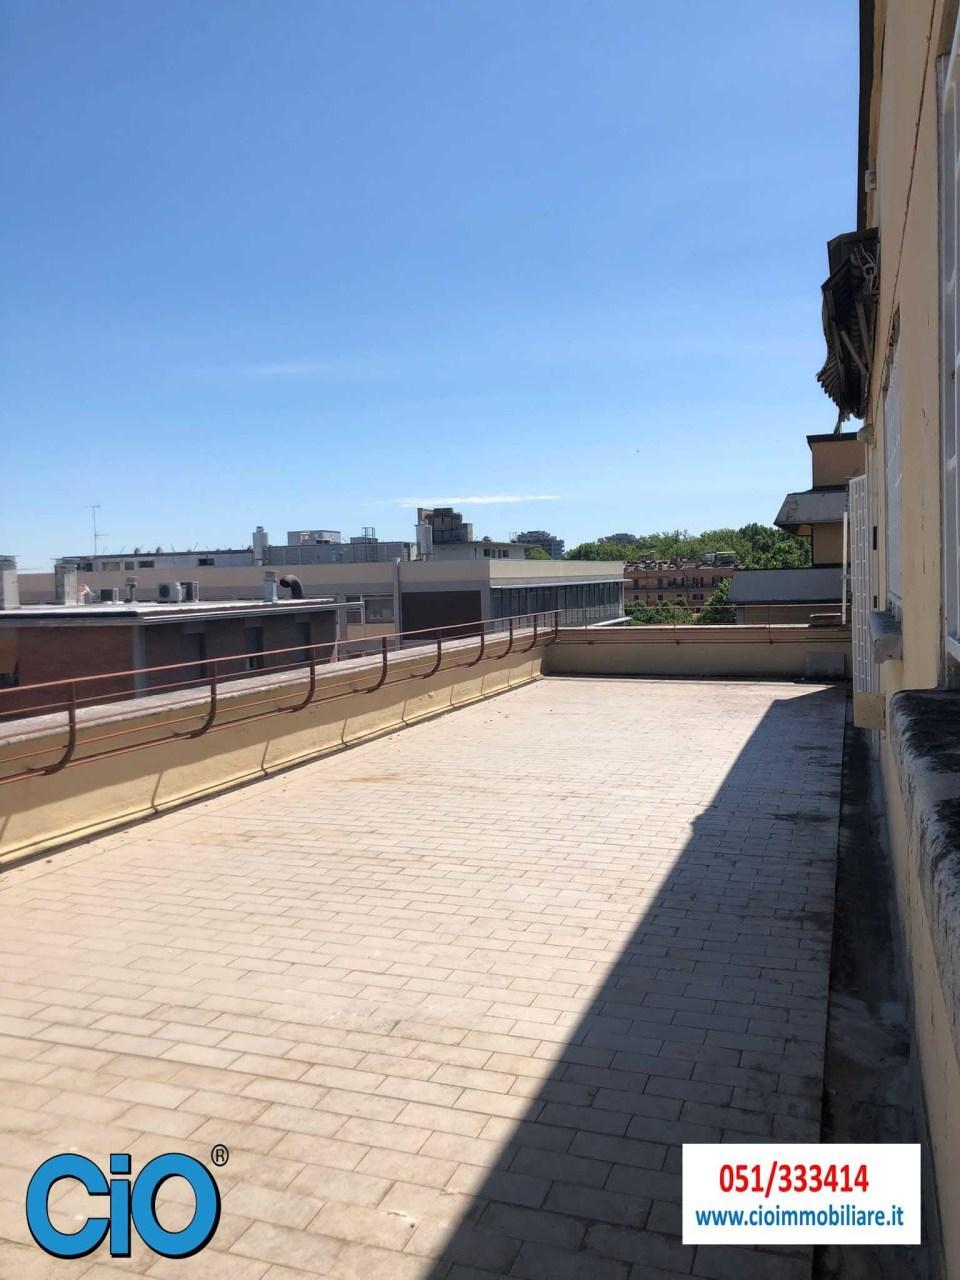 Attico / Mansarda in vendita a Bologna, 4 locali, prezzo € 384.000 | PortaleAgenzieImmobiliari.it